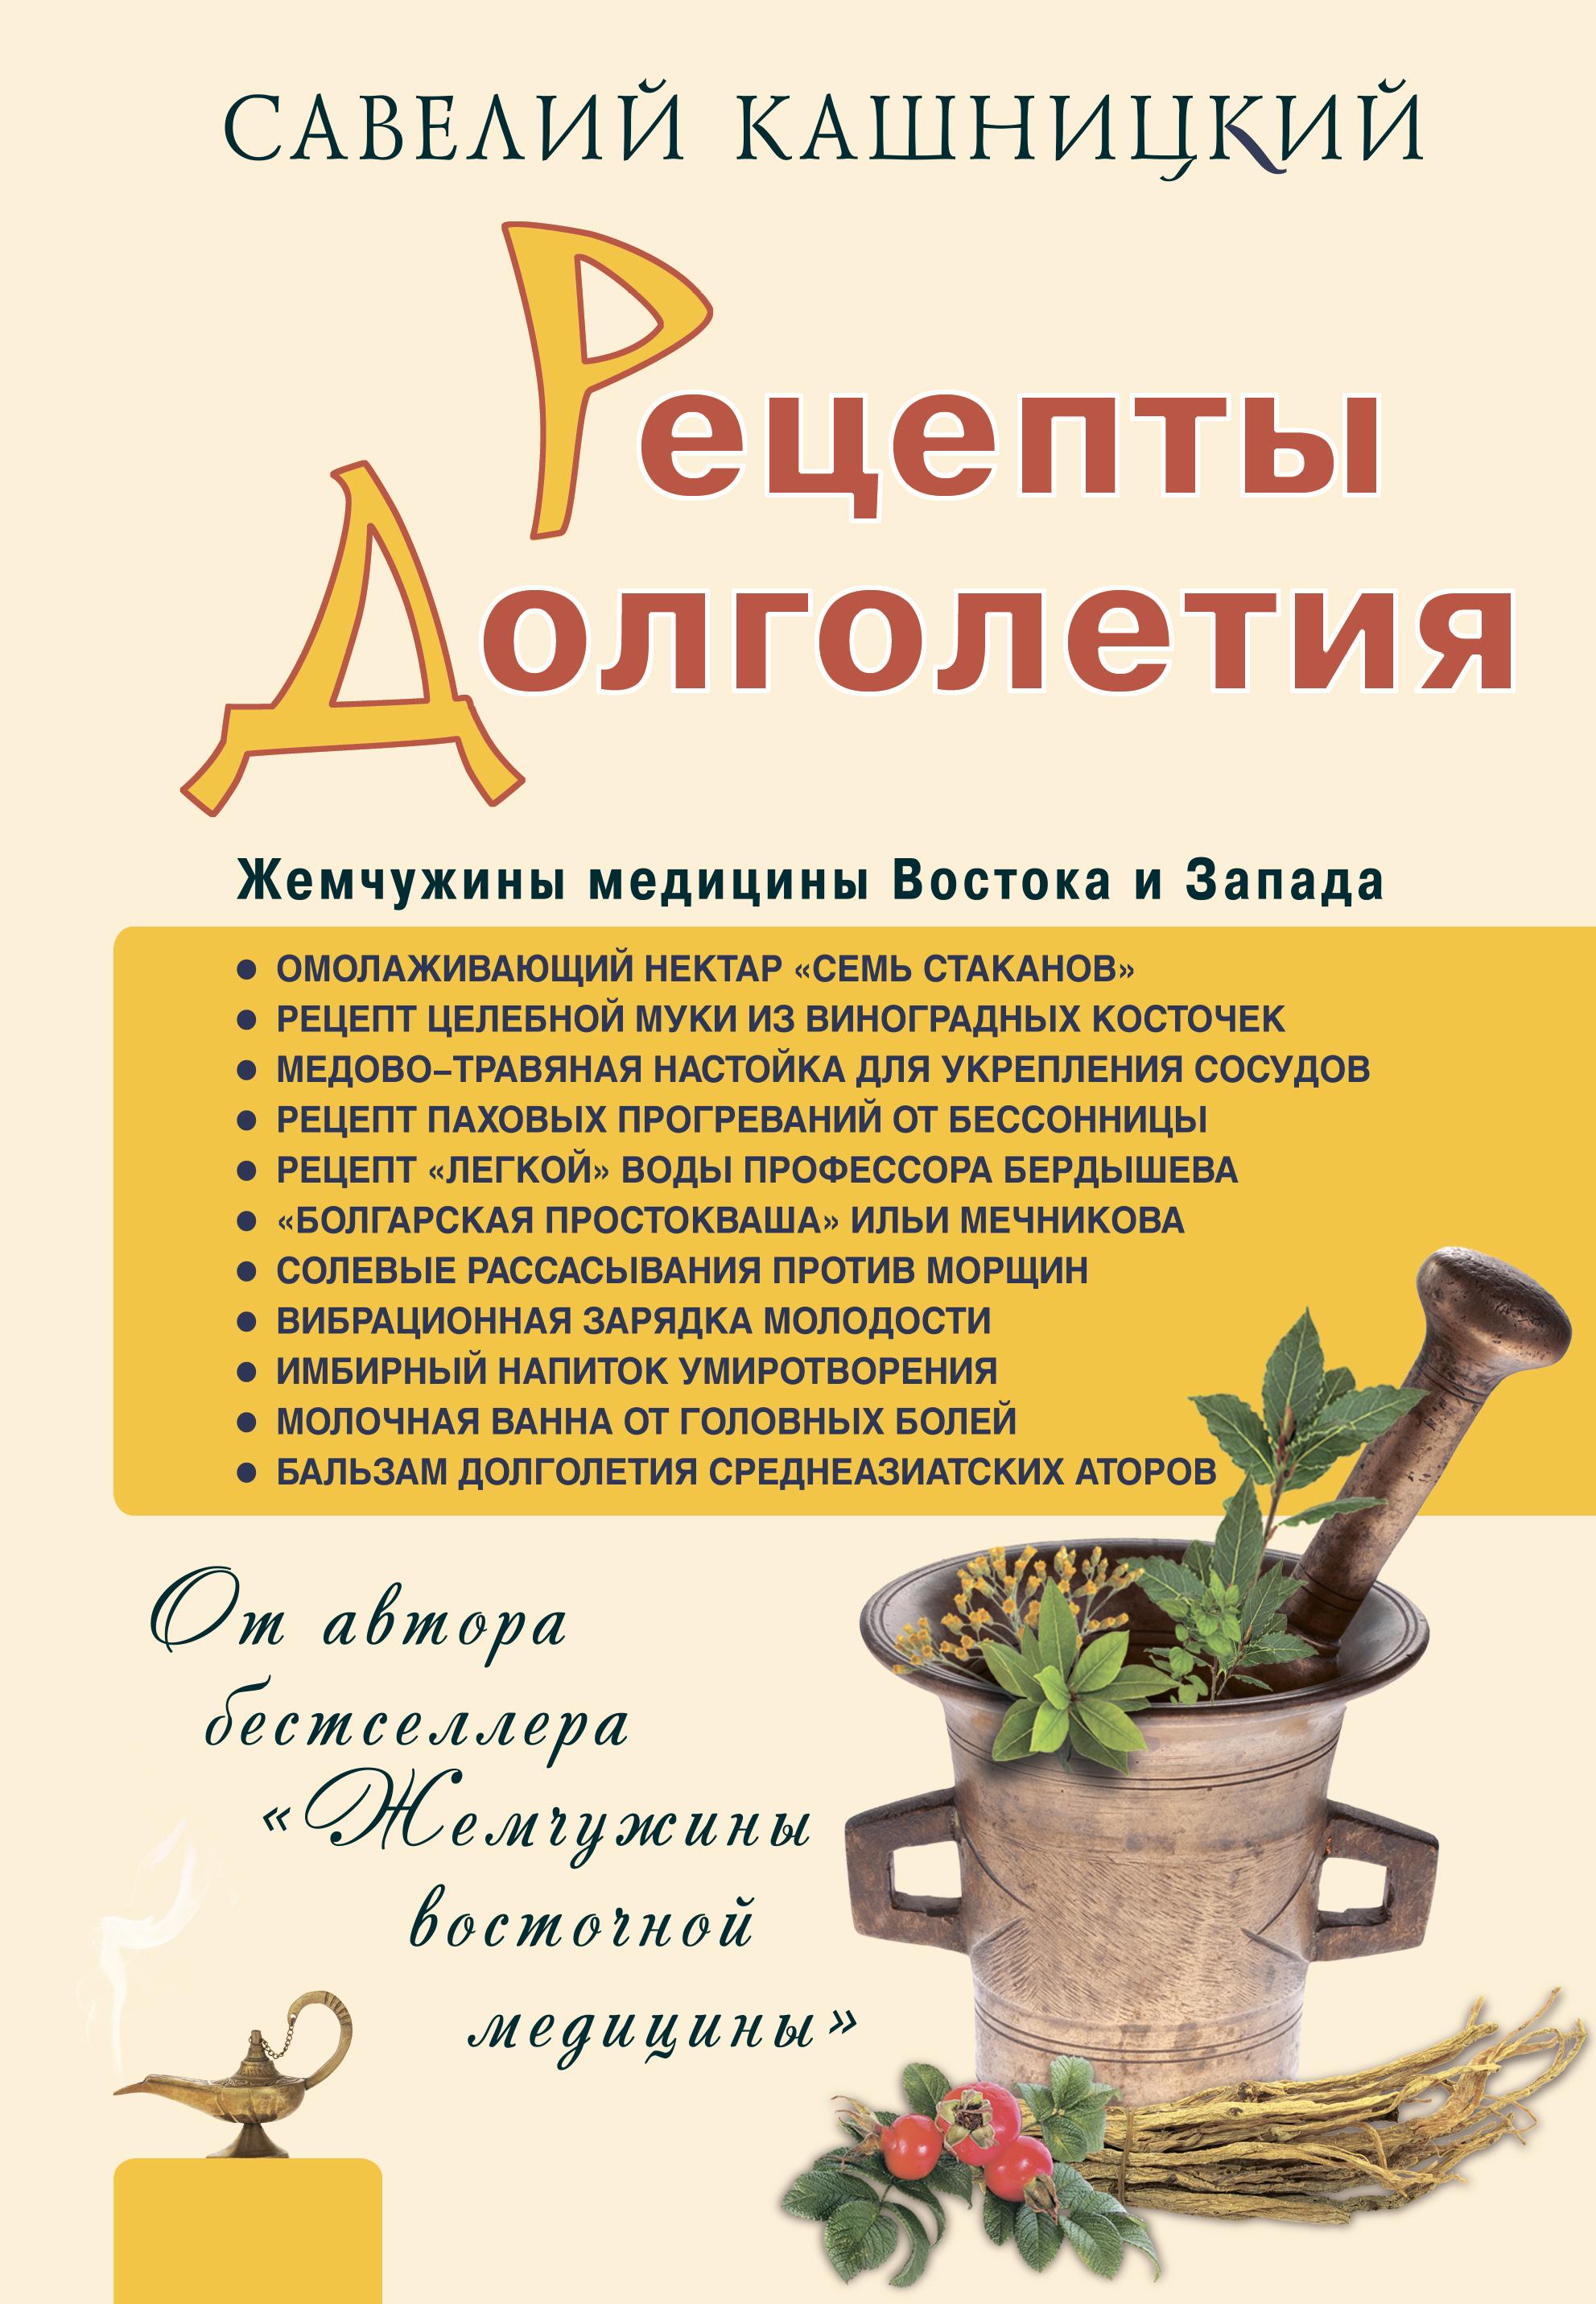 Савелий Кашницкий Рецепты долголетия. Жемчужины медицины Востока и Запада